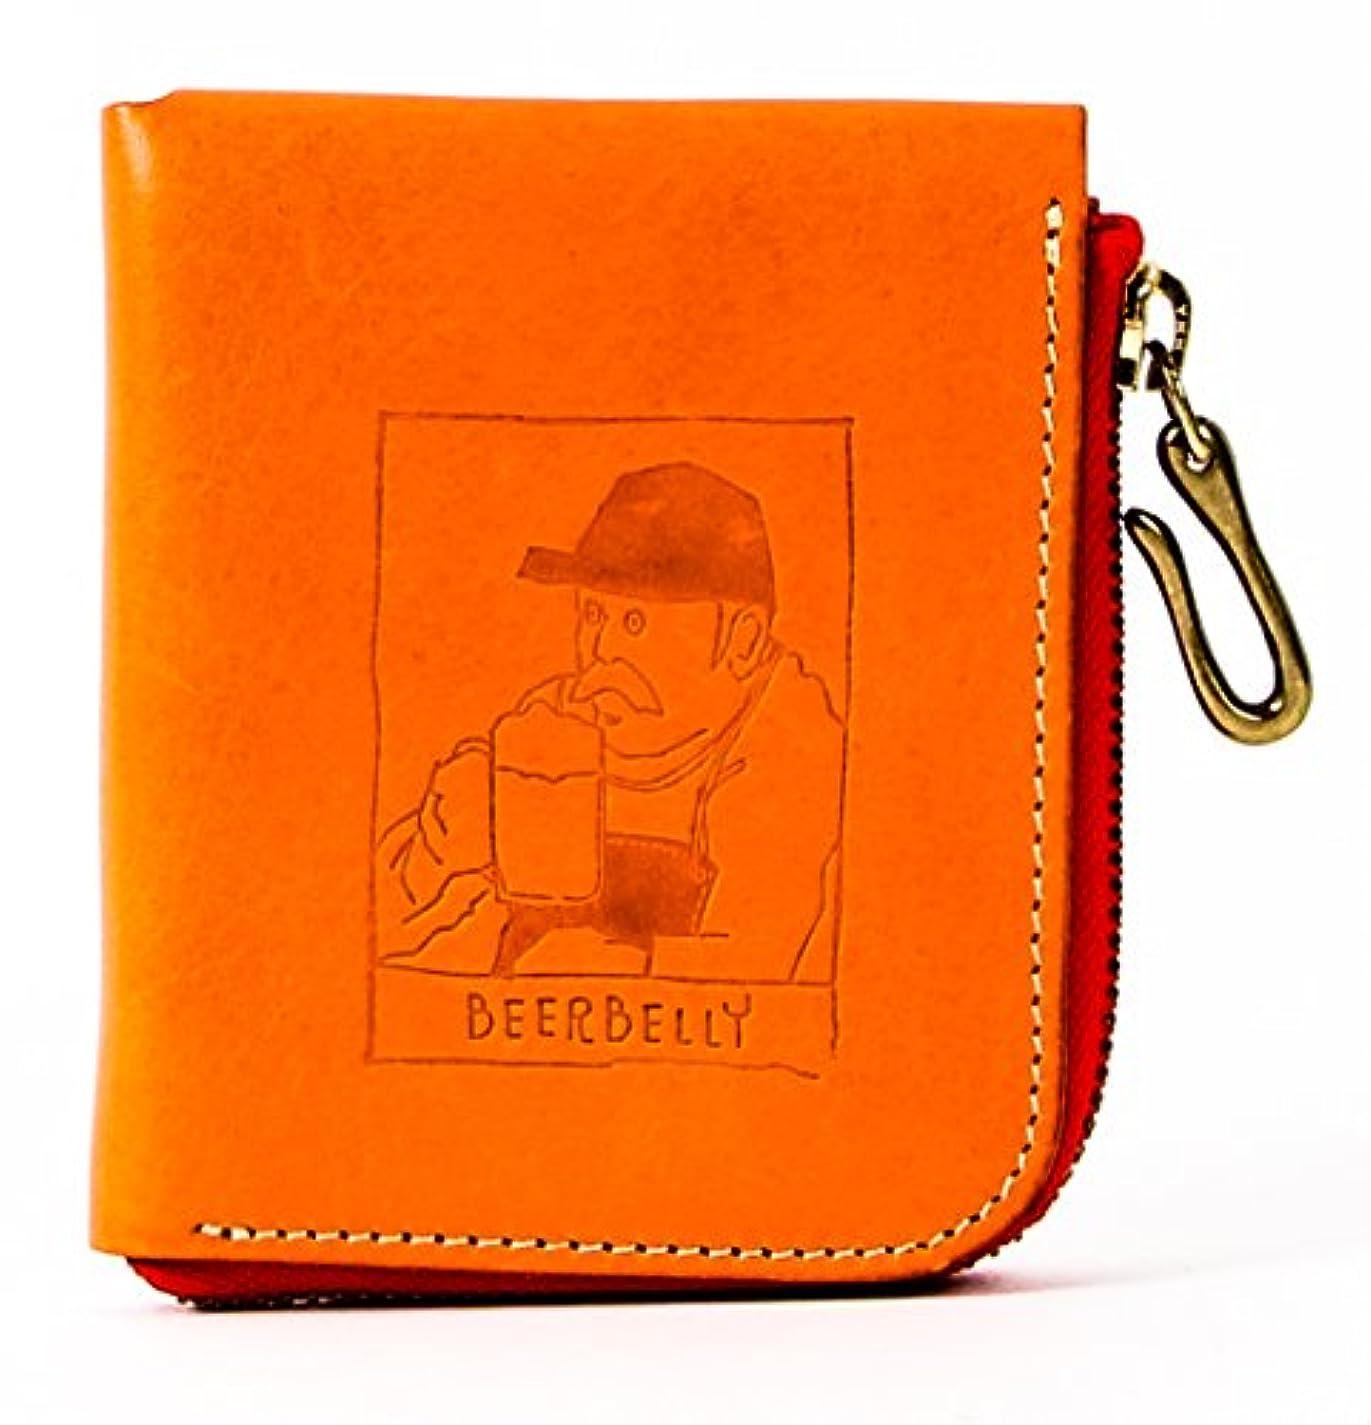 配分着る教育者ビアベリー SMALL ROUND WALLET 二つ折り財布 BEERBELLY